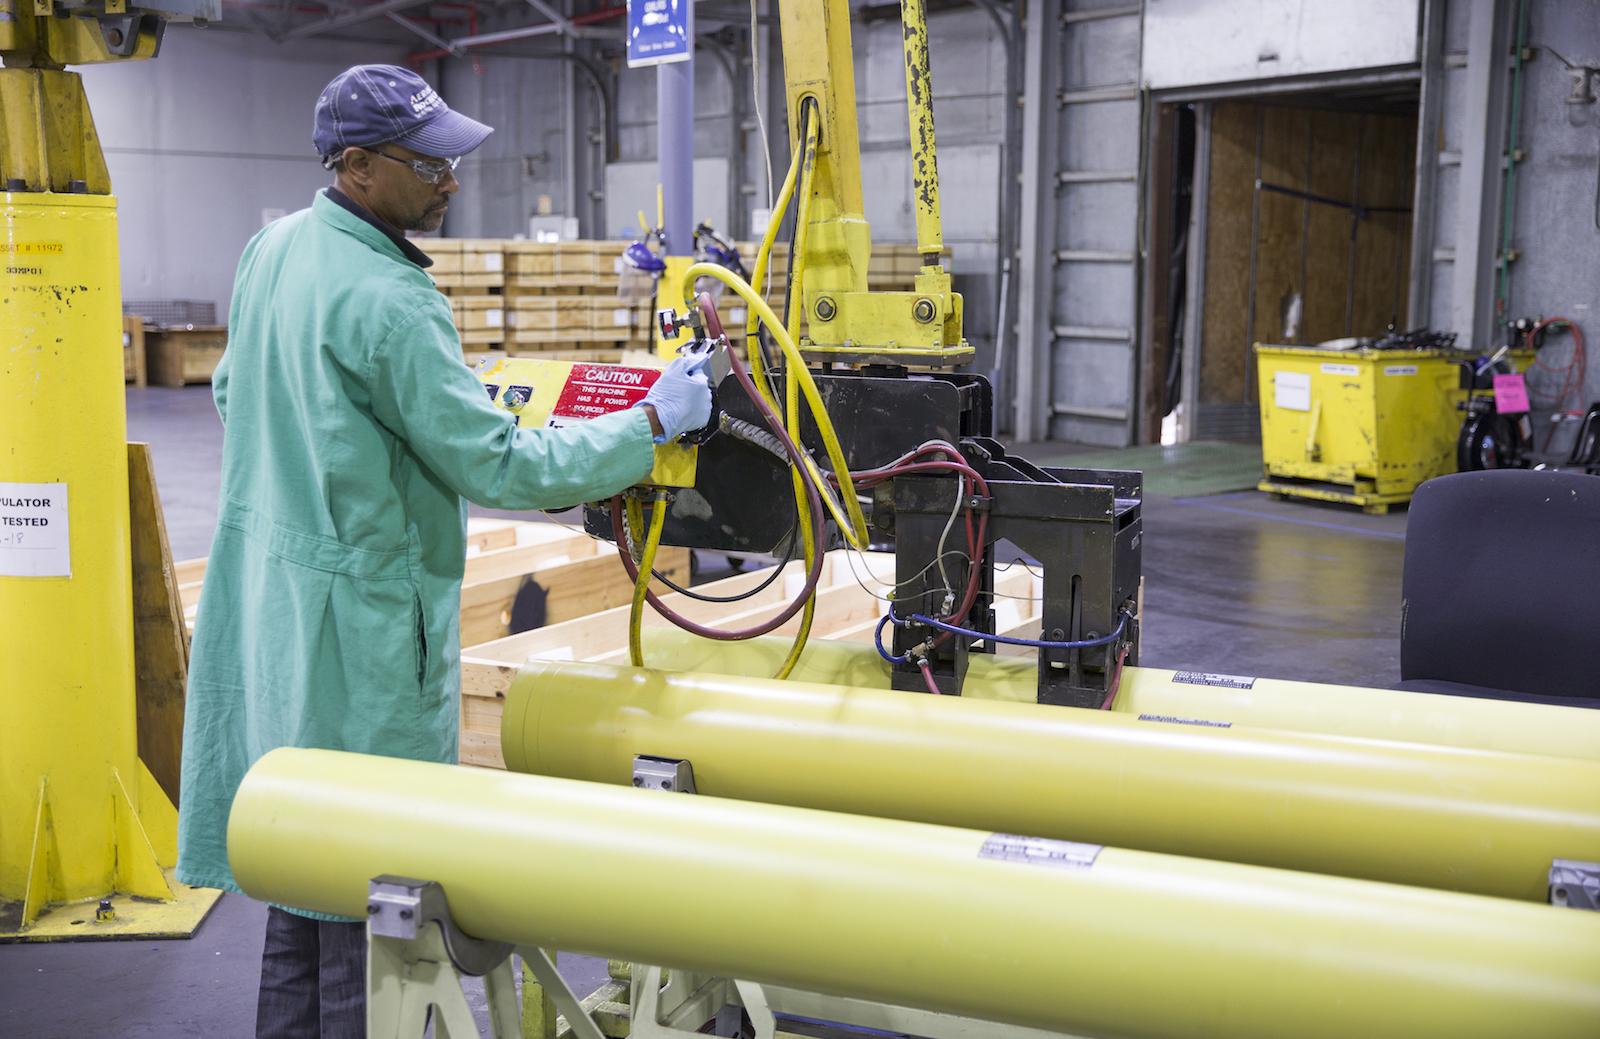 A man working at Aerojet Rocketdyne.